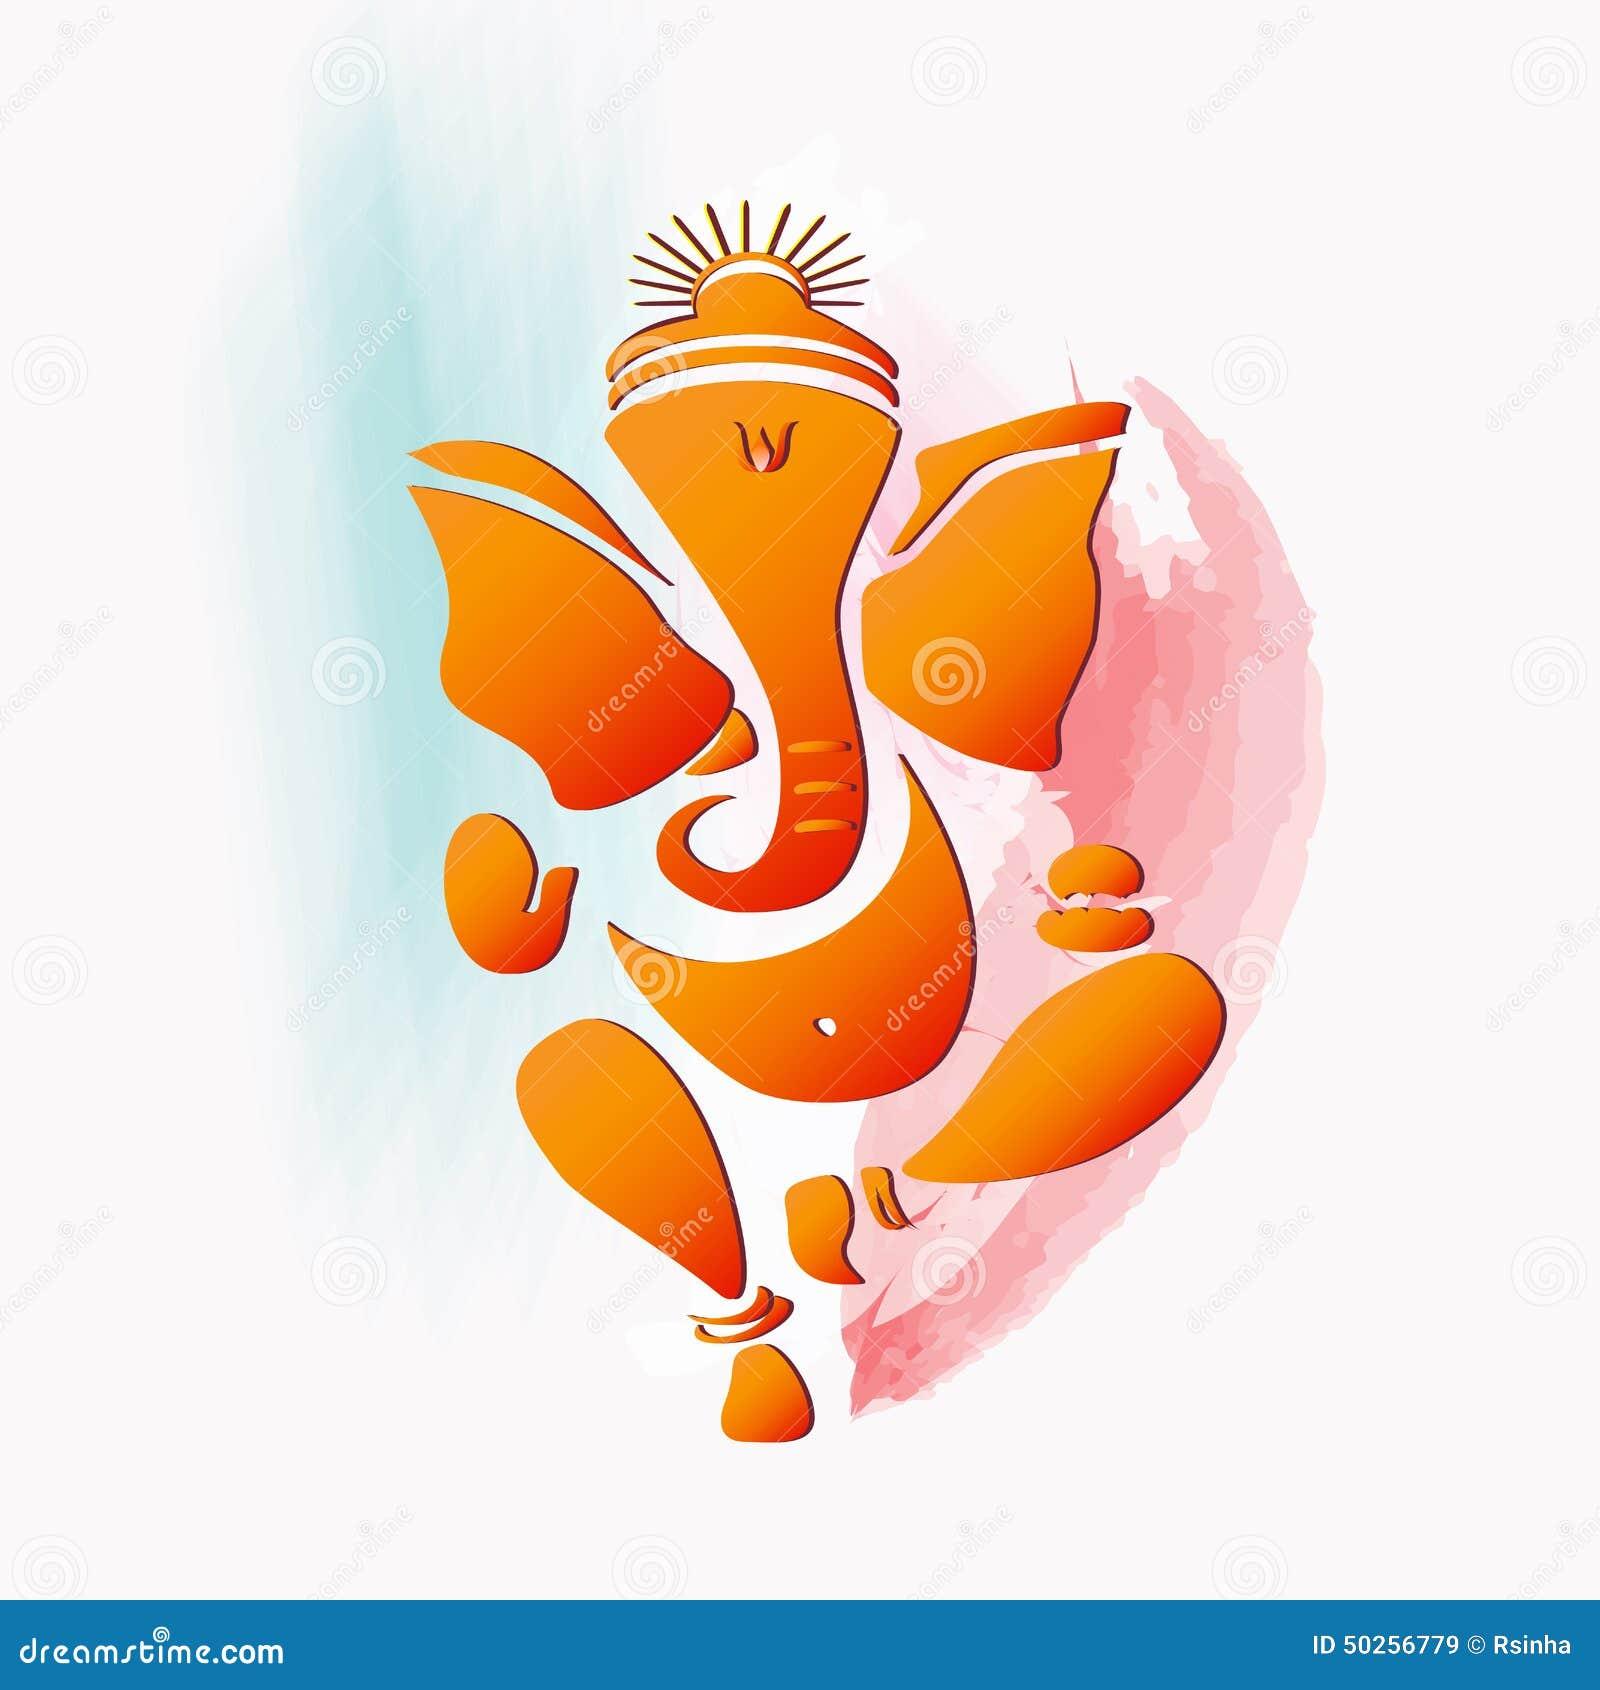 Ganesha Hindu God Stock Vector Image 50256779